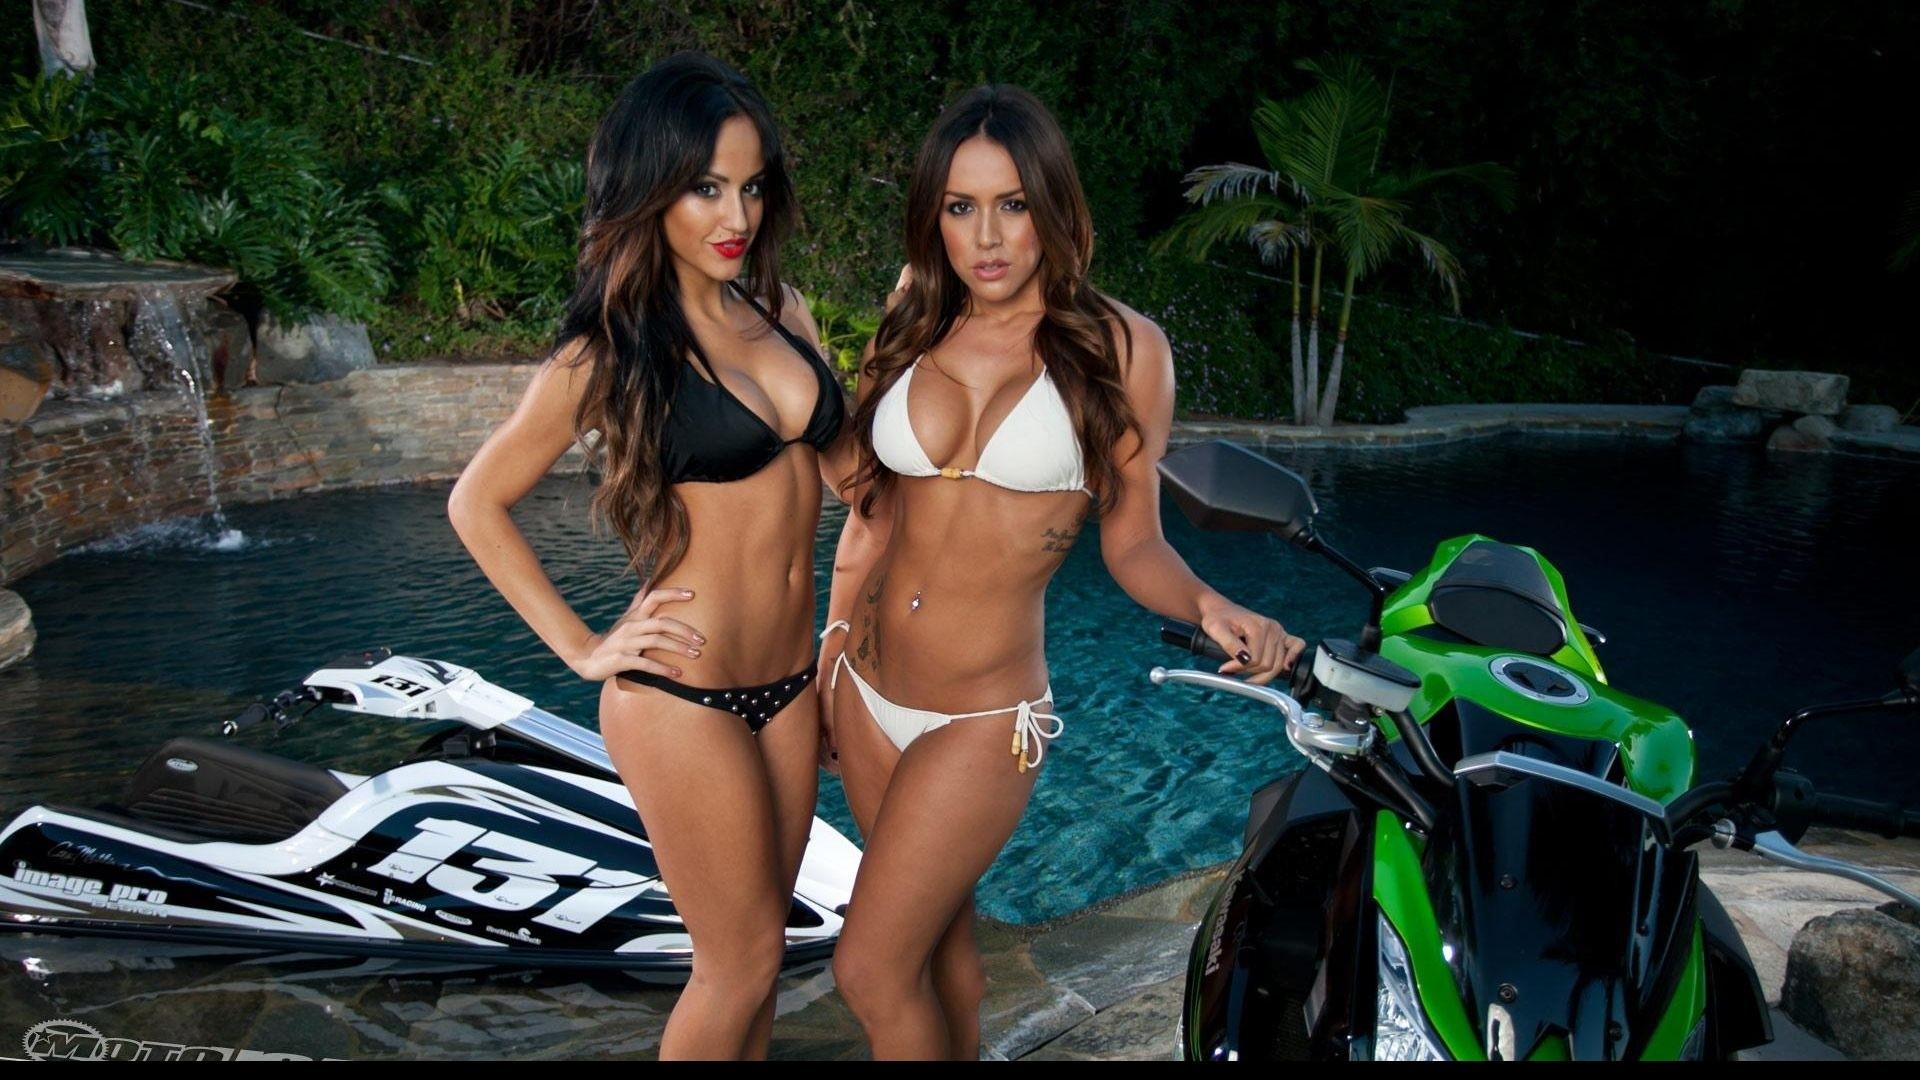 Mädchen in Bikinis auf Motorrädern wallpaper Reisebrüste Bikini Marshall